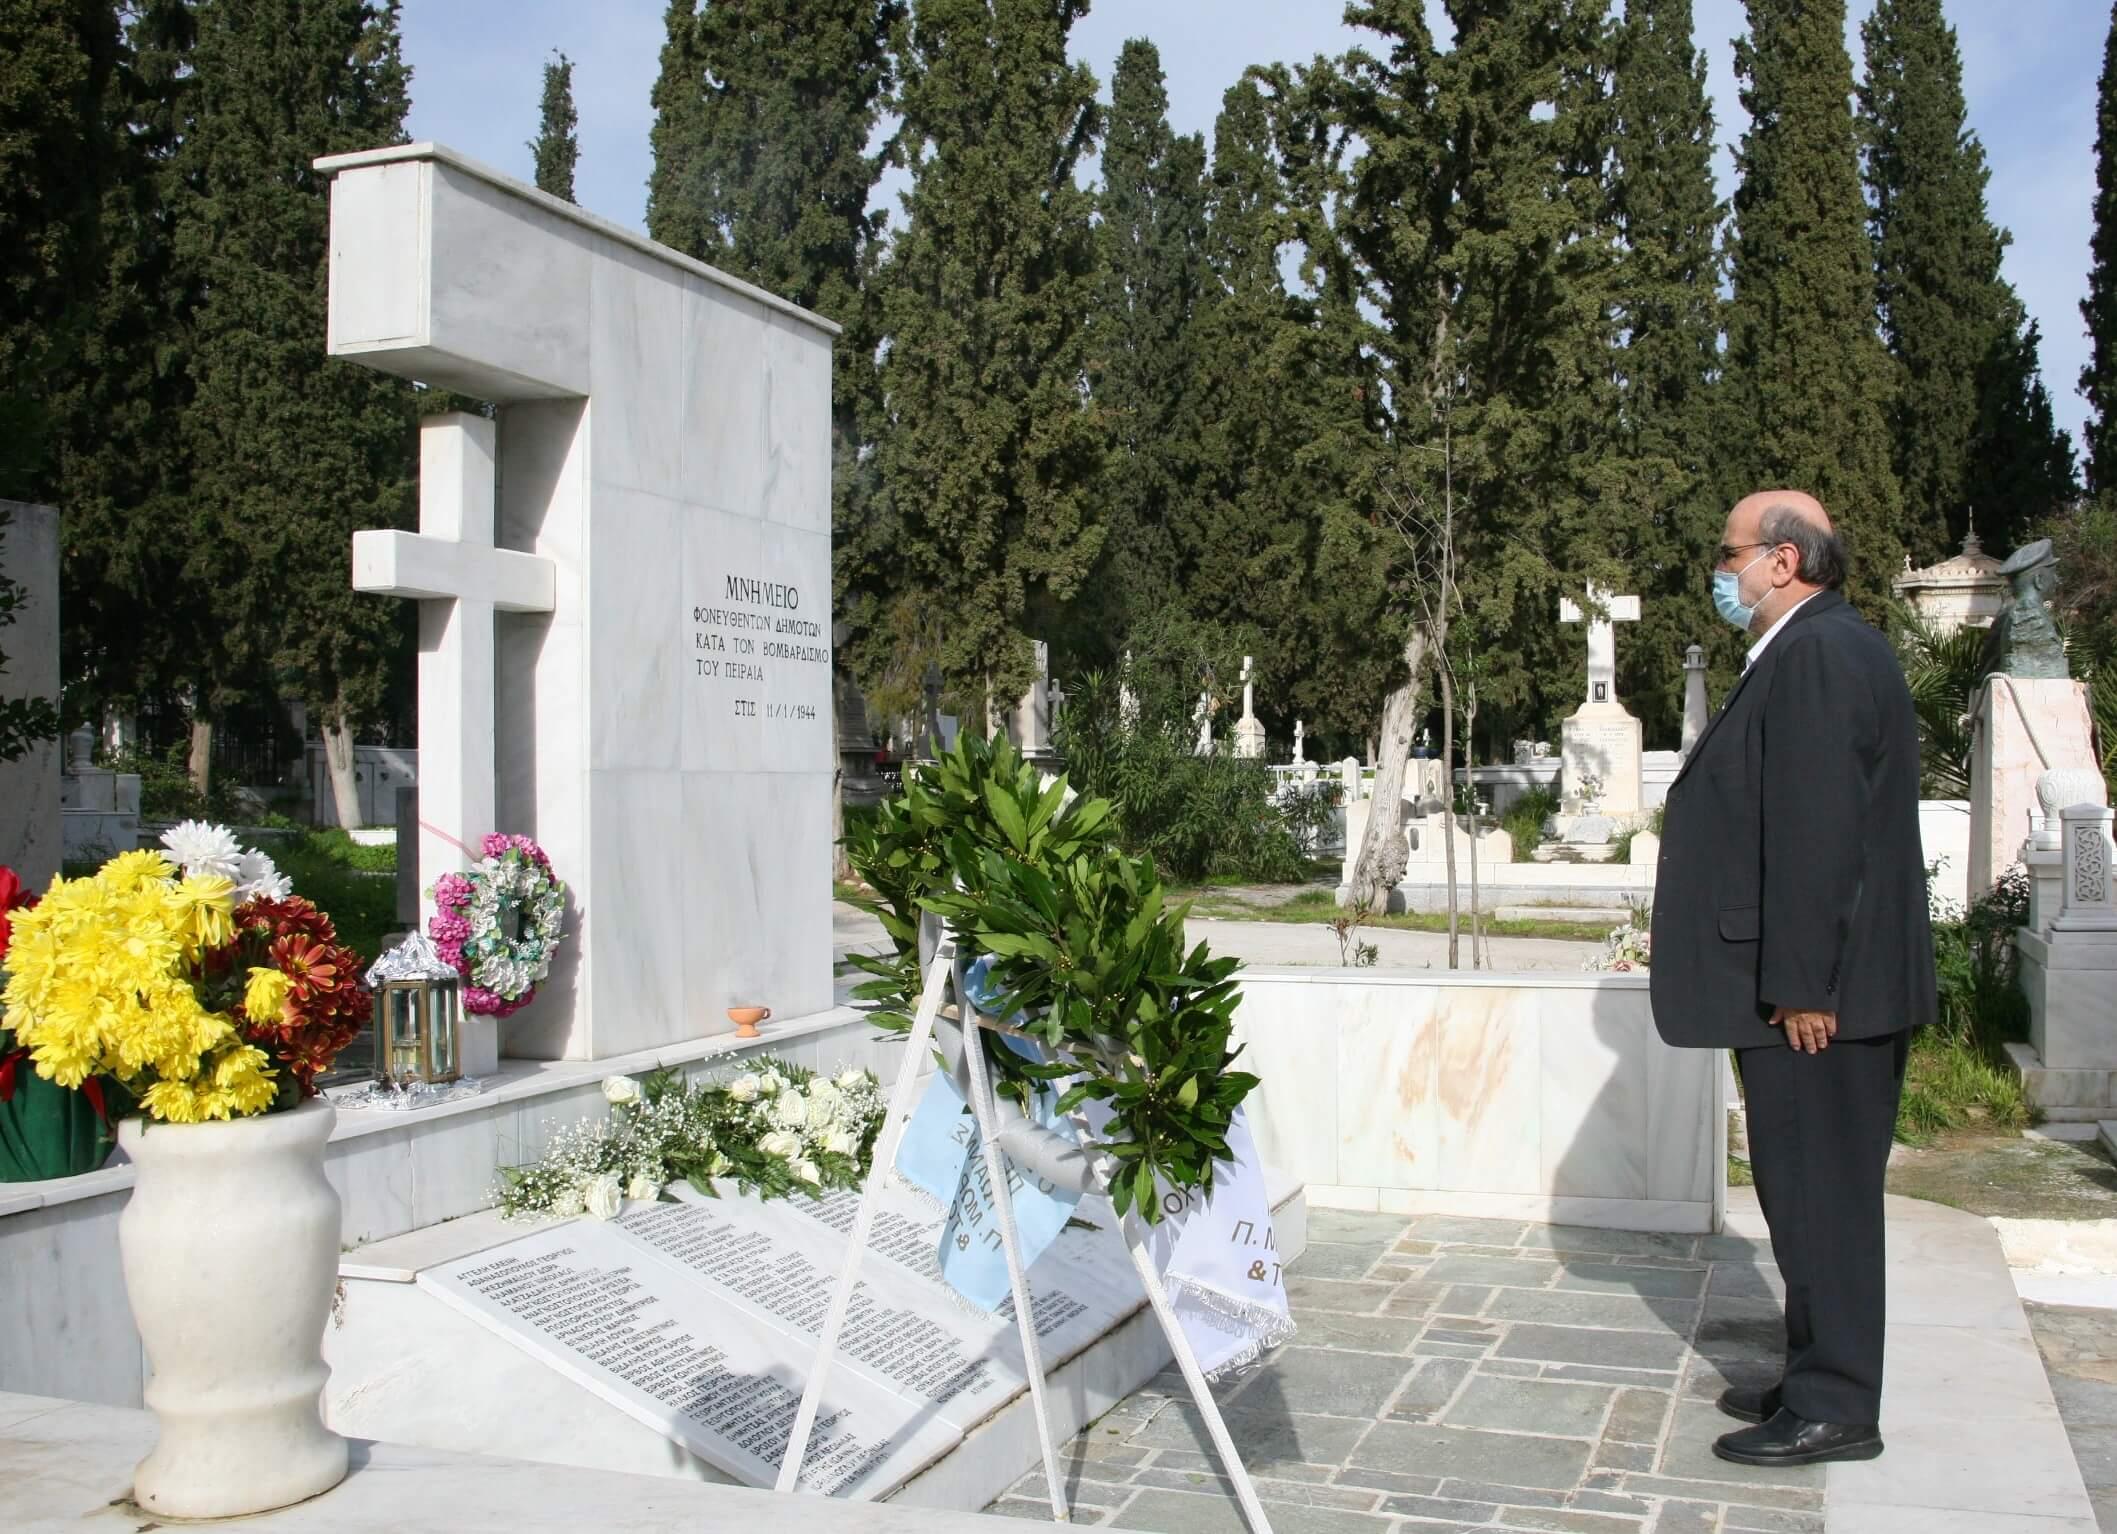 Ο Δήμος Πειραιά τίμησε την μνήμη των θυμάτων του Βομβαρδισμού της πόλης